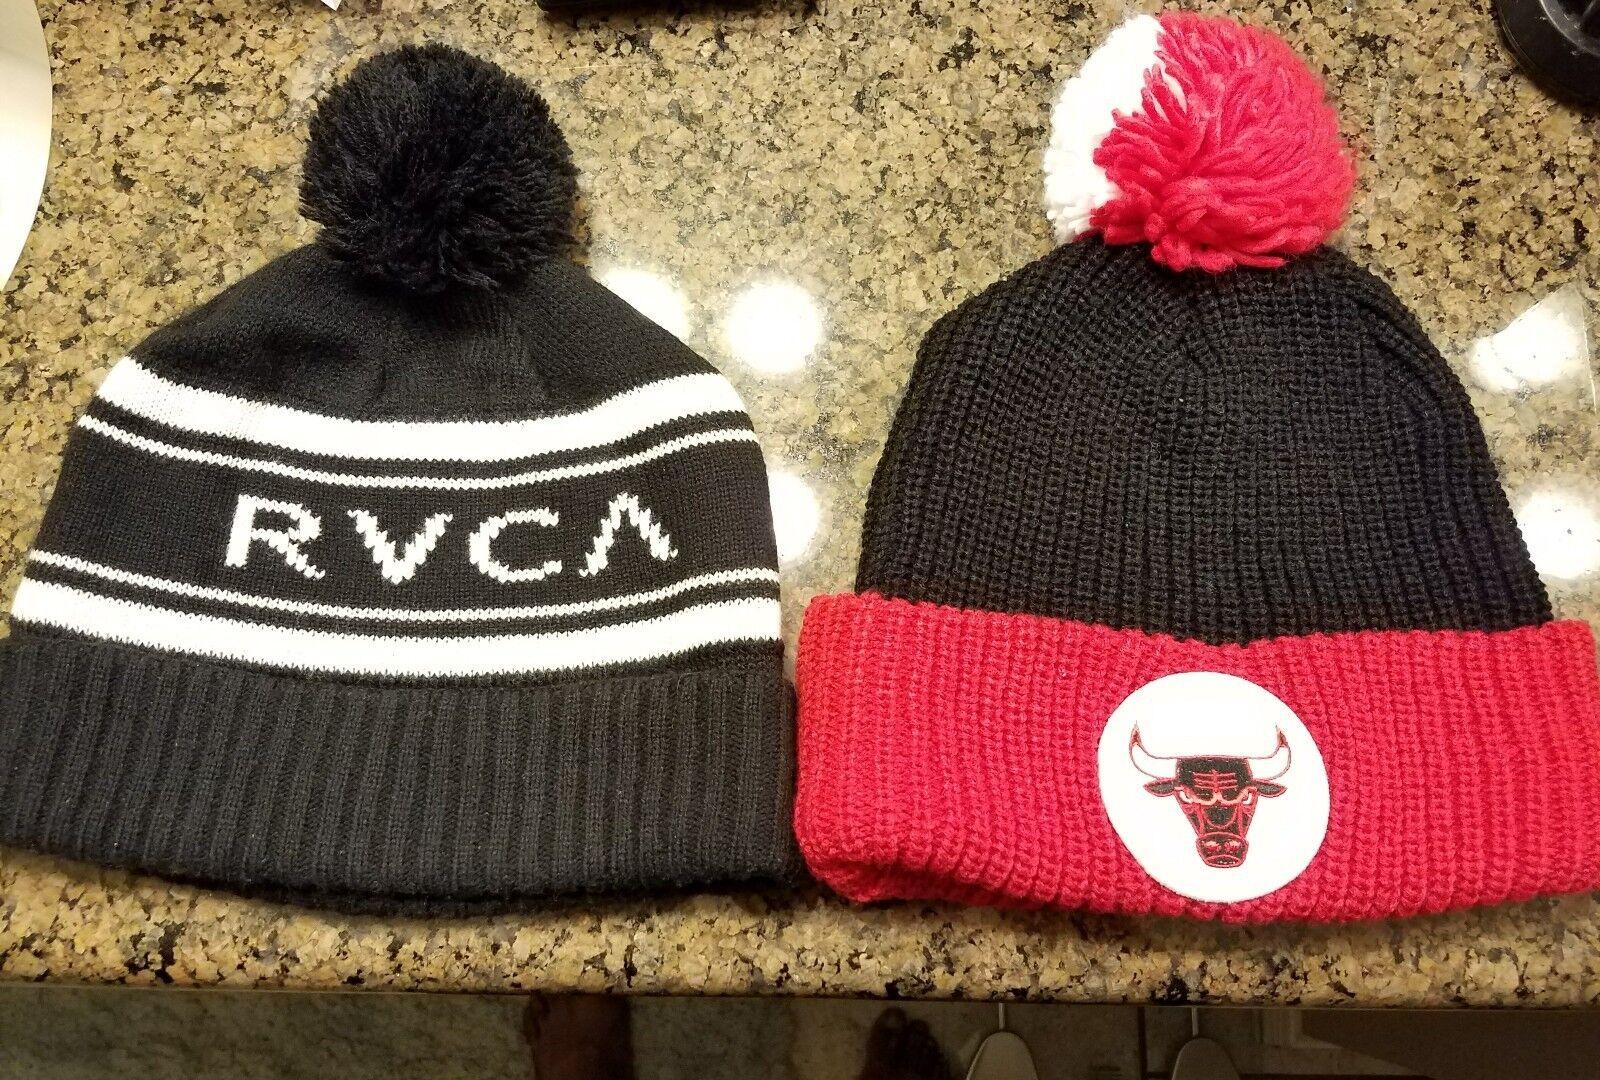 Rvca/Mitchell ness pom hat of set of hat 2. fd4b51